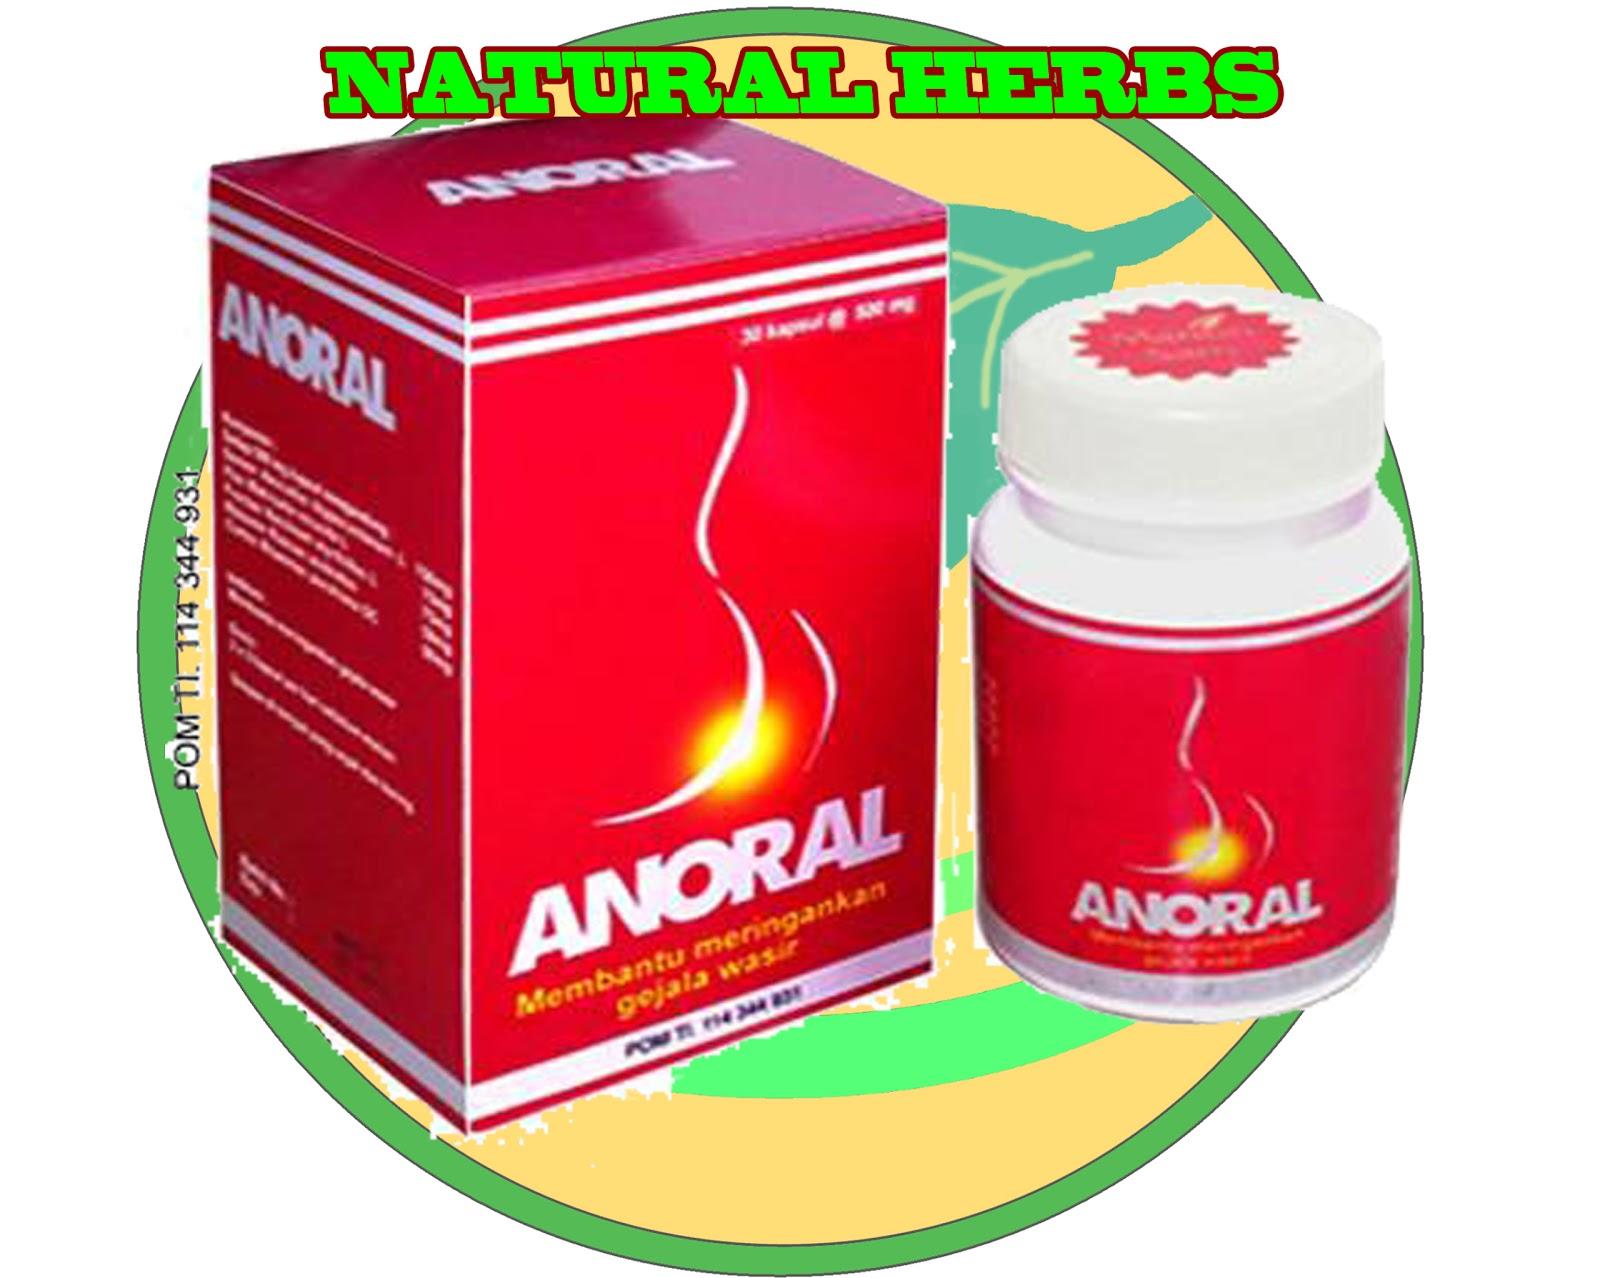 anoral kapsul herbal toko herbal 07